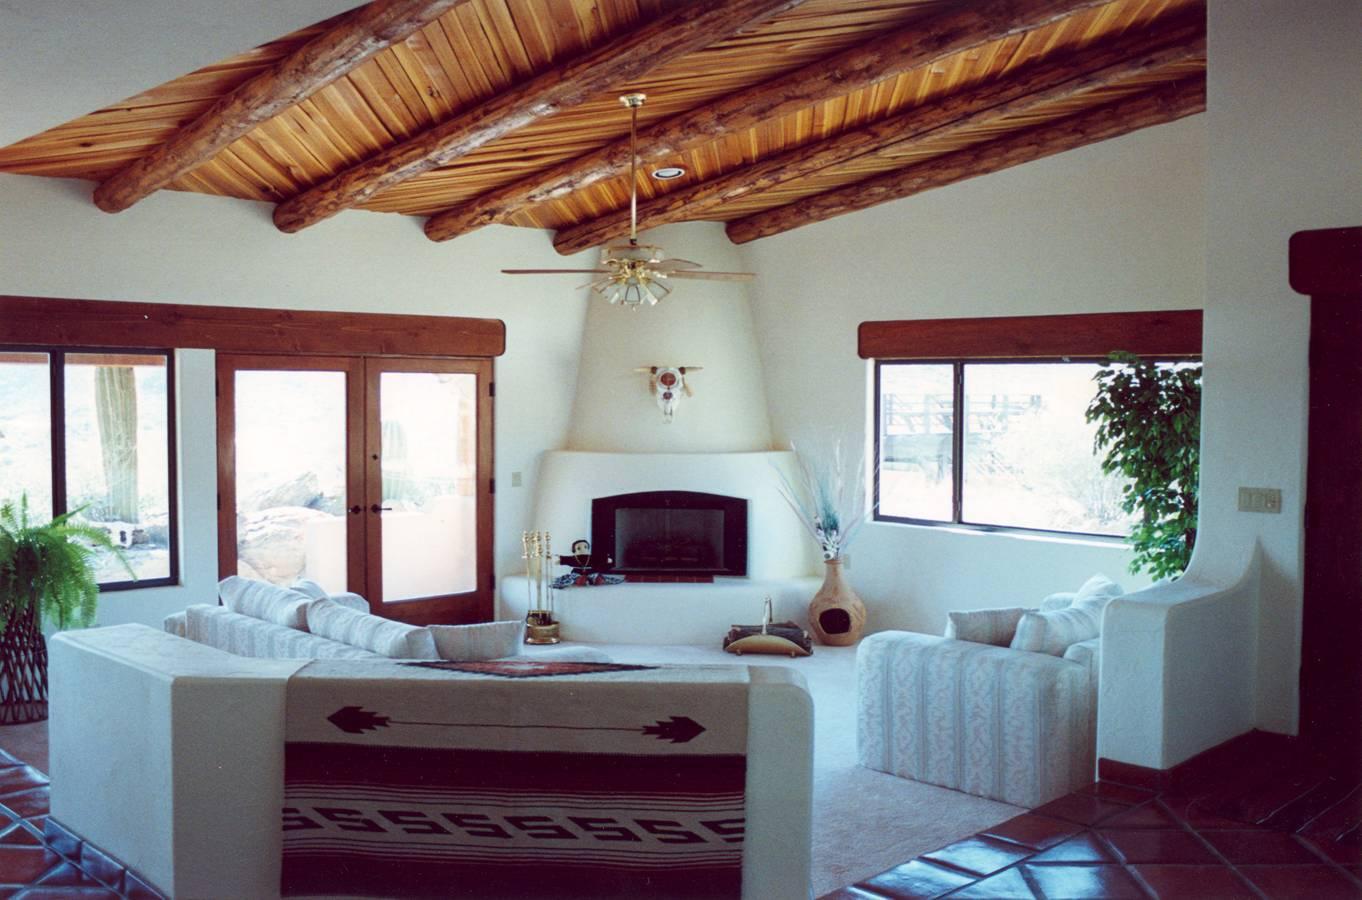 Muebles Casas : Elena anuskan interior design el estilo rústico en imágenes